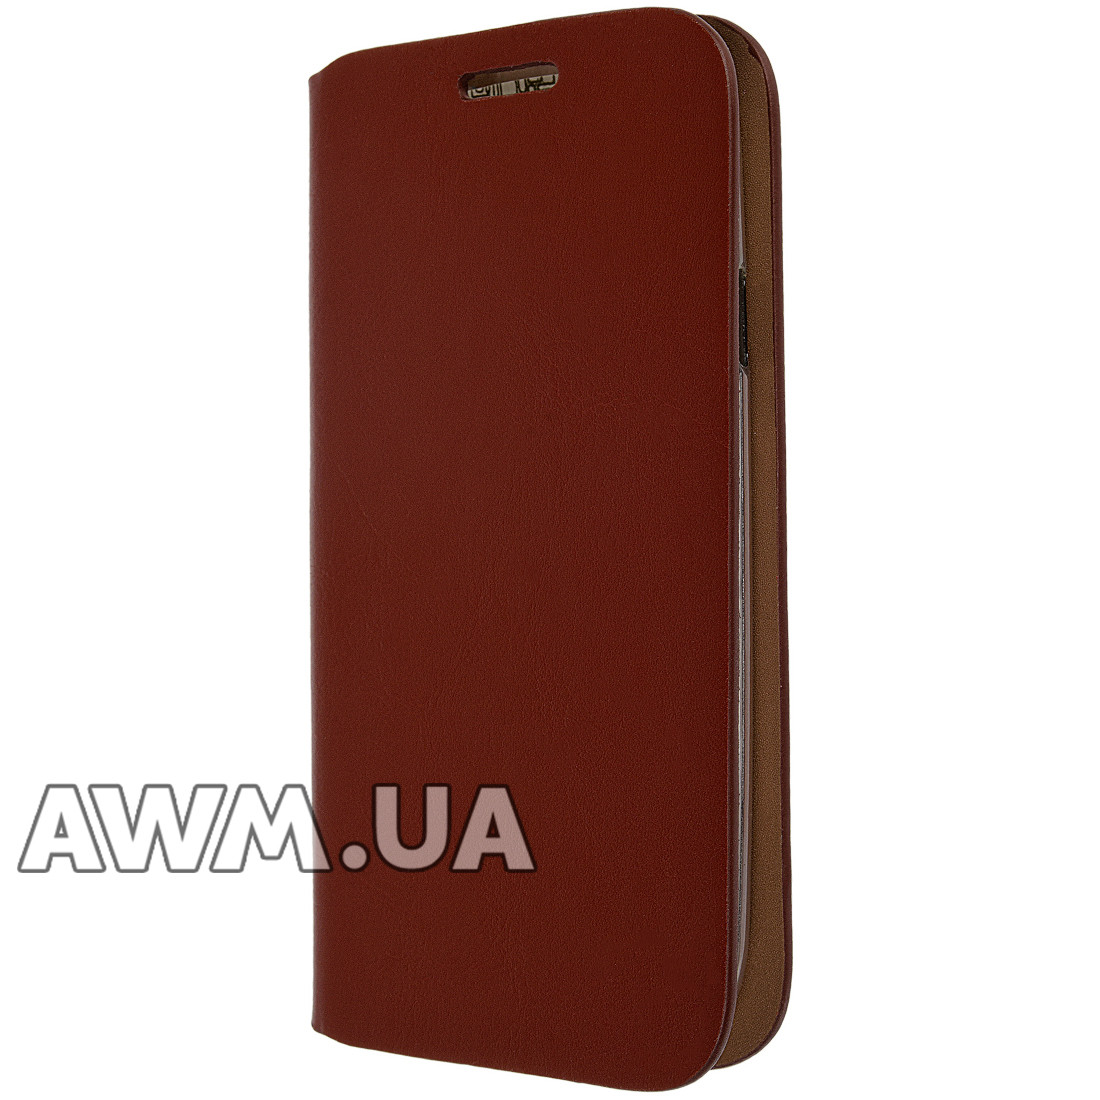 Чехол книжка для Samsung Galaxy S3 (i9300) коричневая - AWM в Одессе